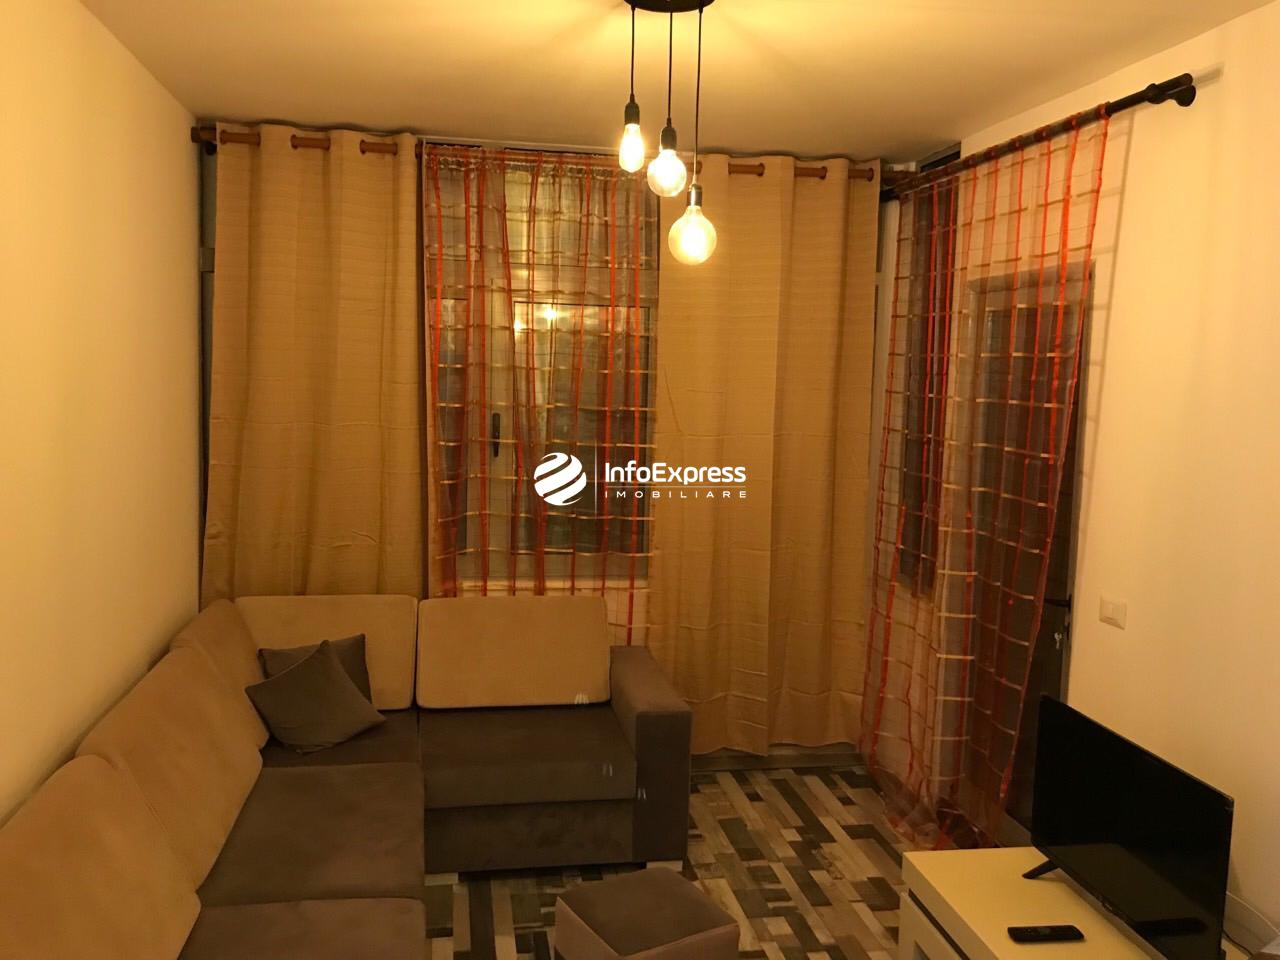 TRR-0419-1433 Jepet me qera apartament 1+1 ndodhet prane ish hotel diplomat 1 ne Vasil Shanto .